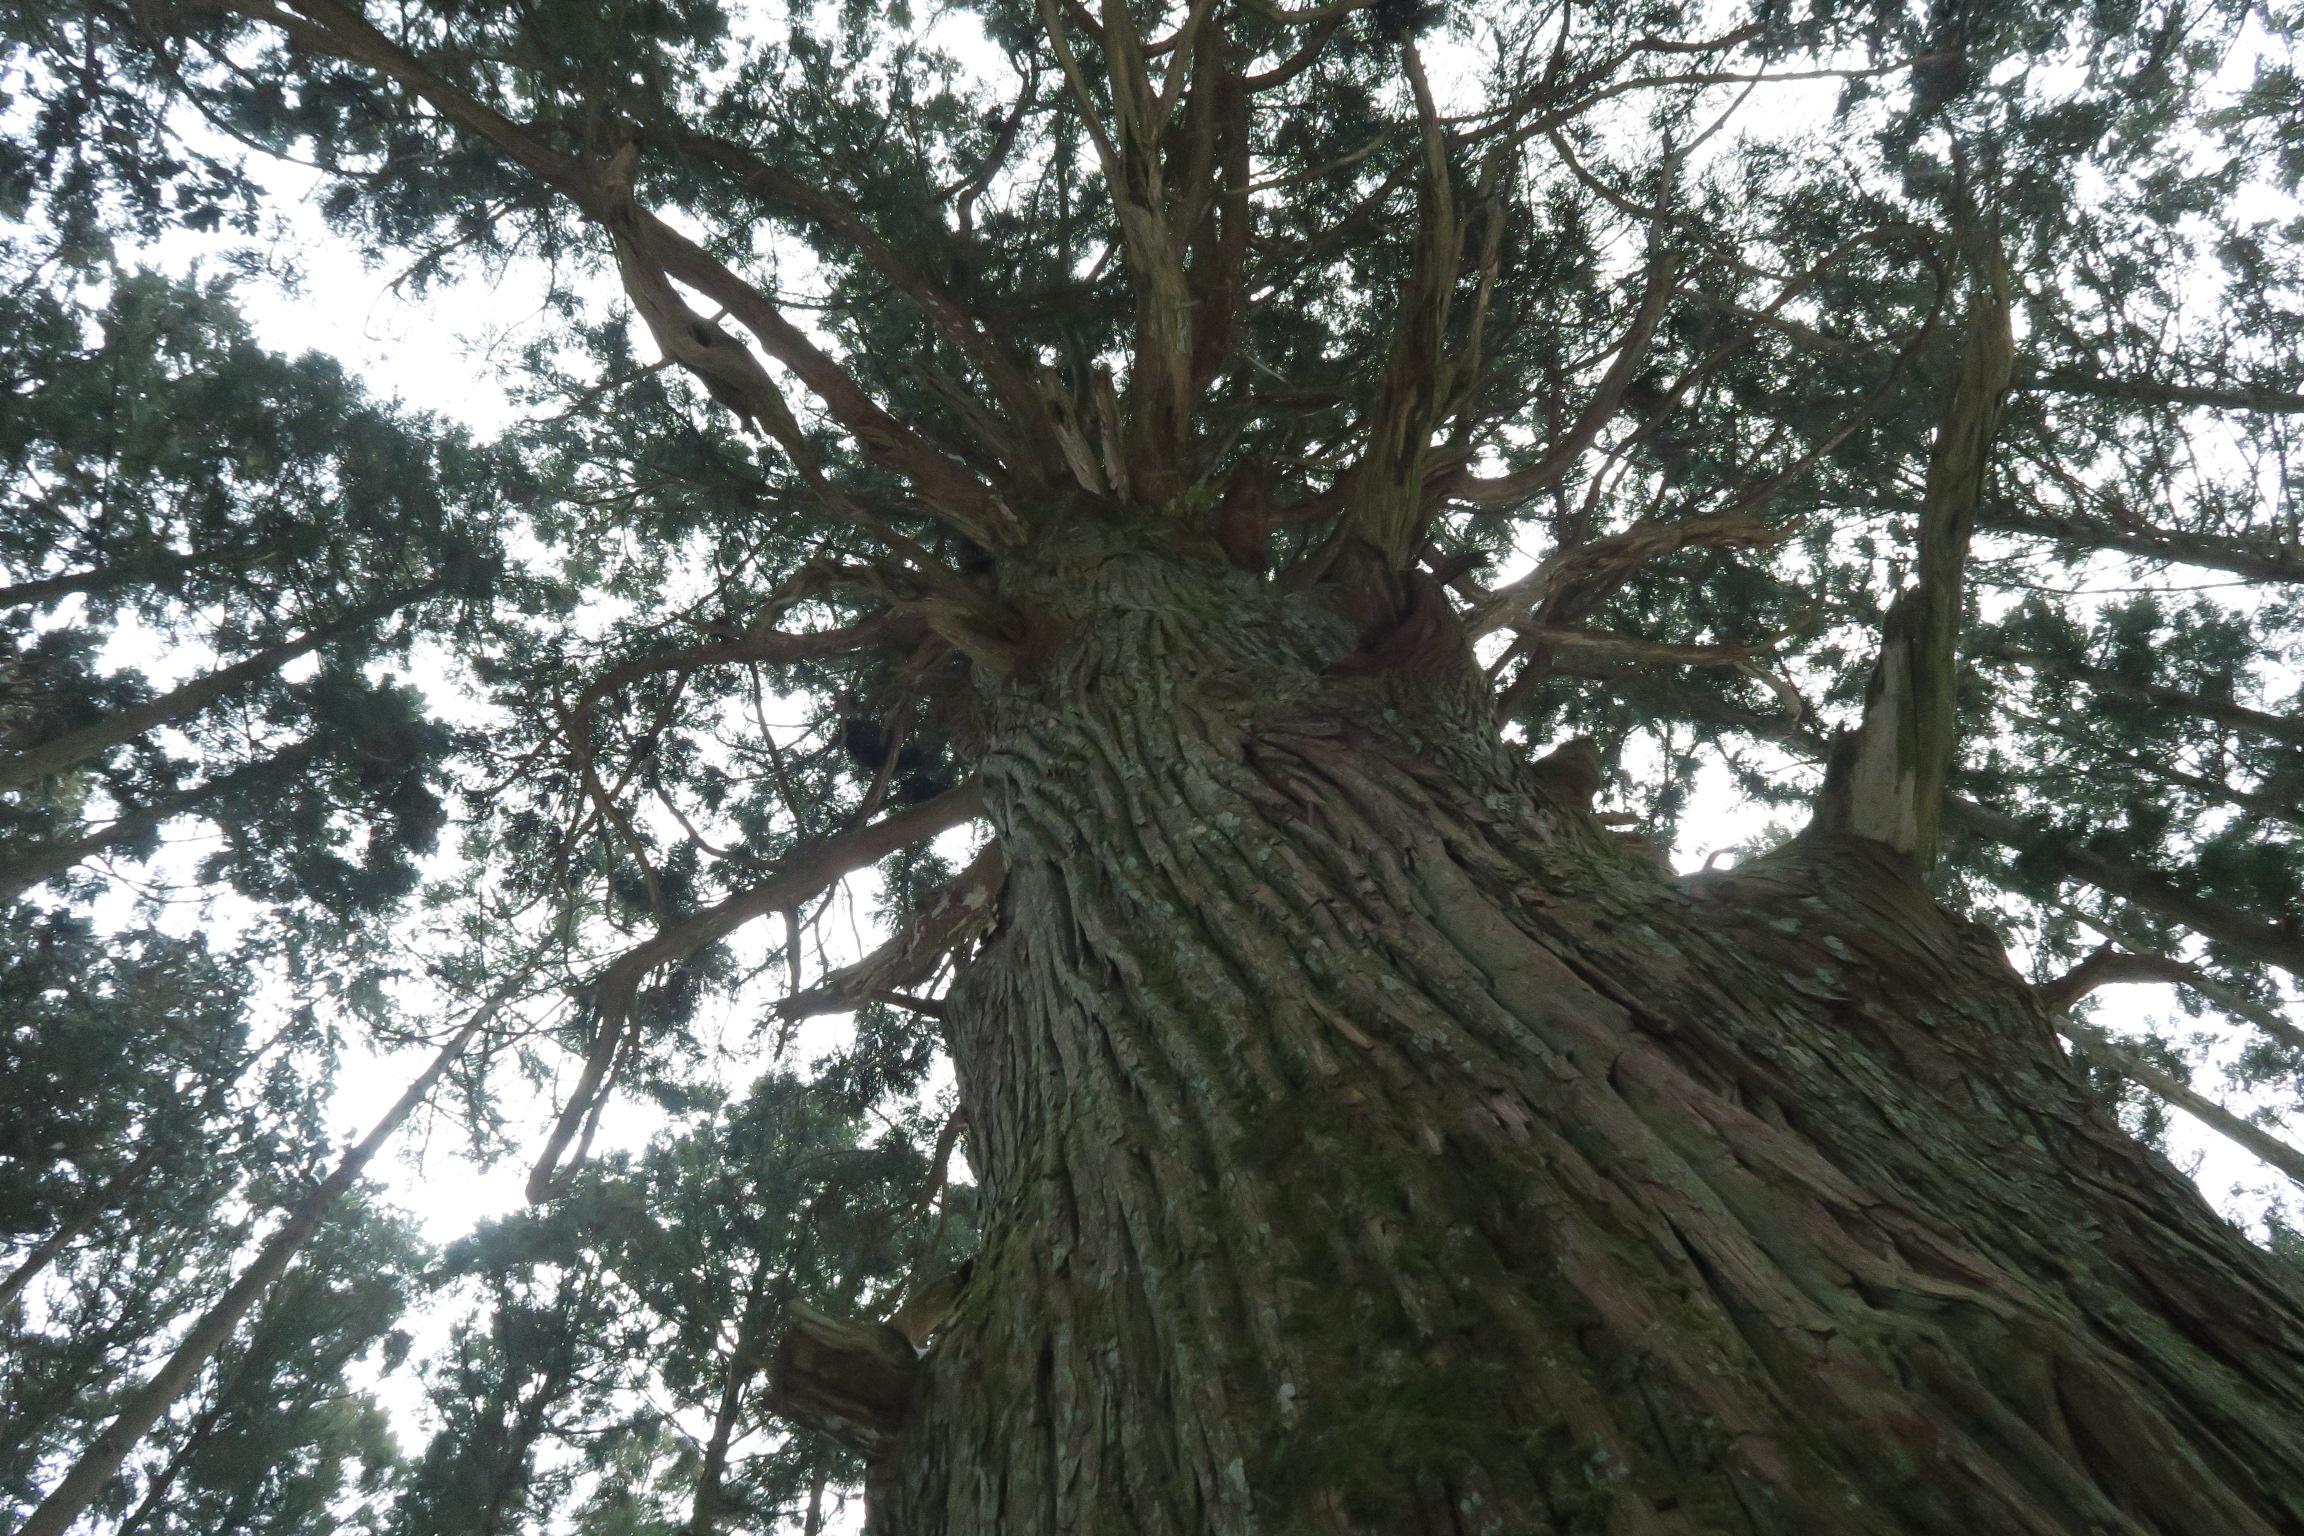 周辺の木と比べても立派な木(高見杉)です。たかすみ温泉から40~50分位の所にあります。